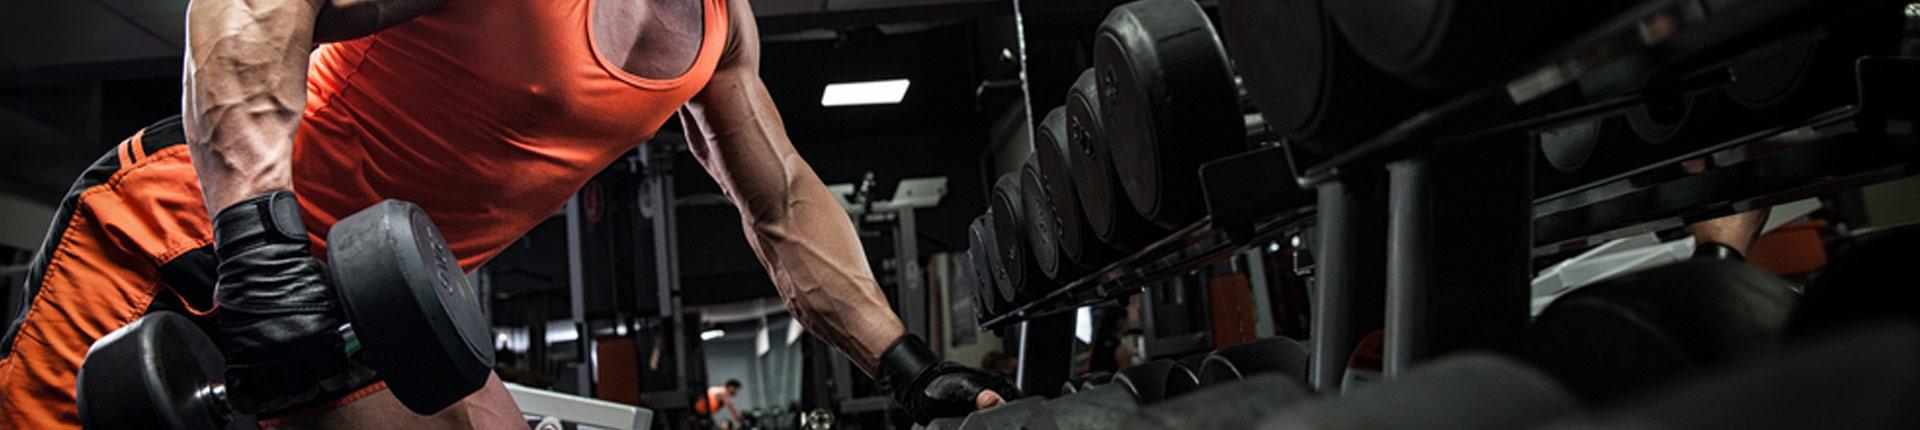 Dziesięć rzeczy, które warto zmienić w treningu siłowym